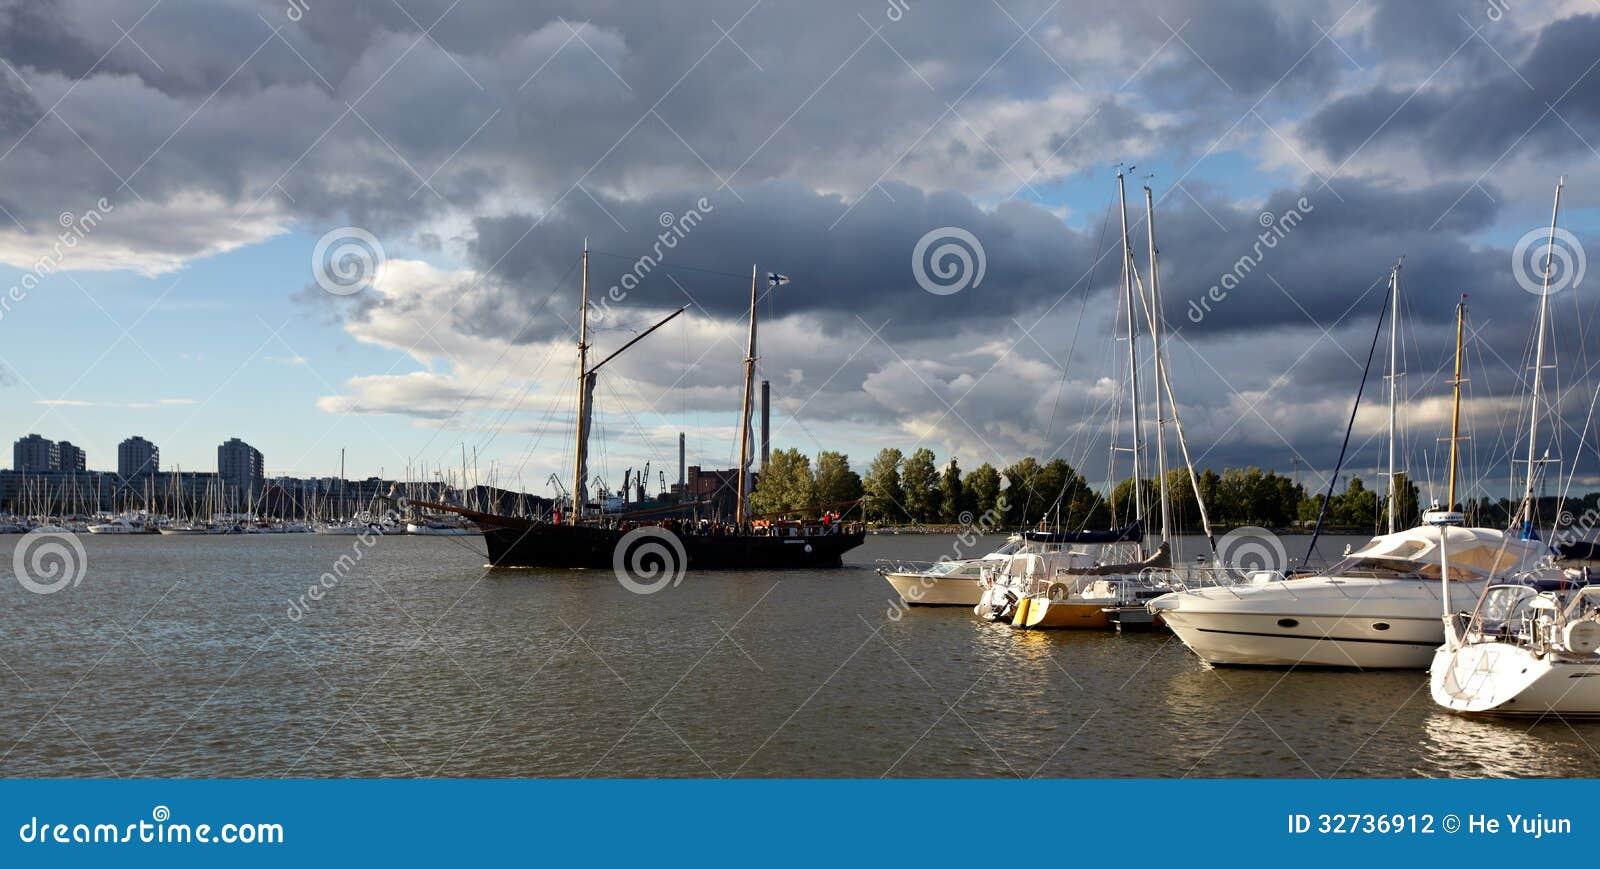 靠码头的游艇